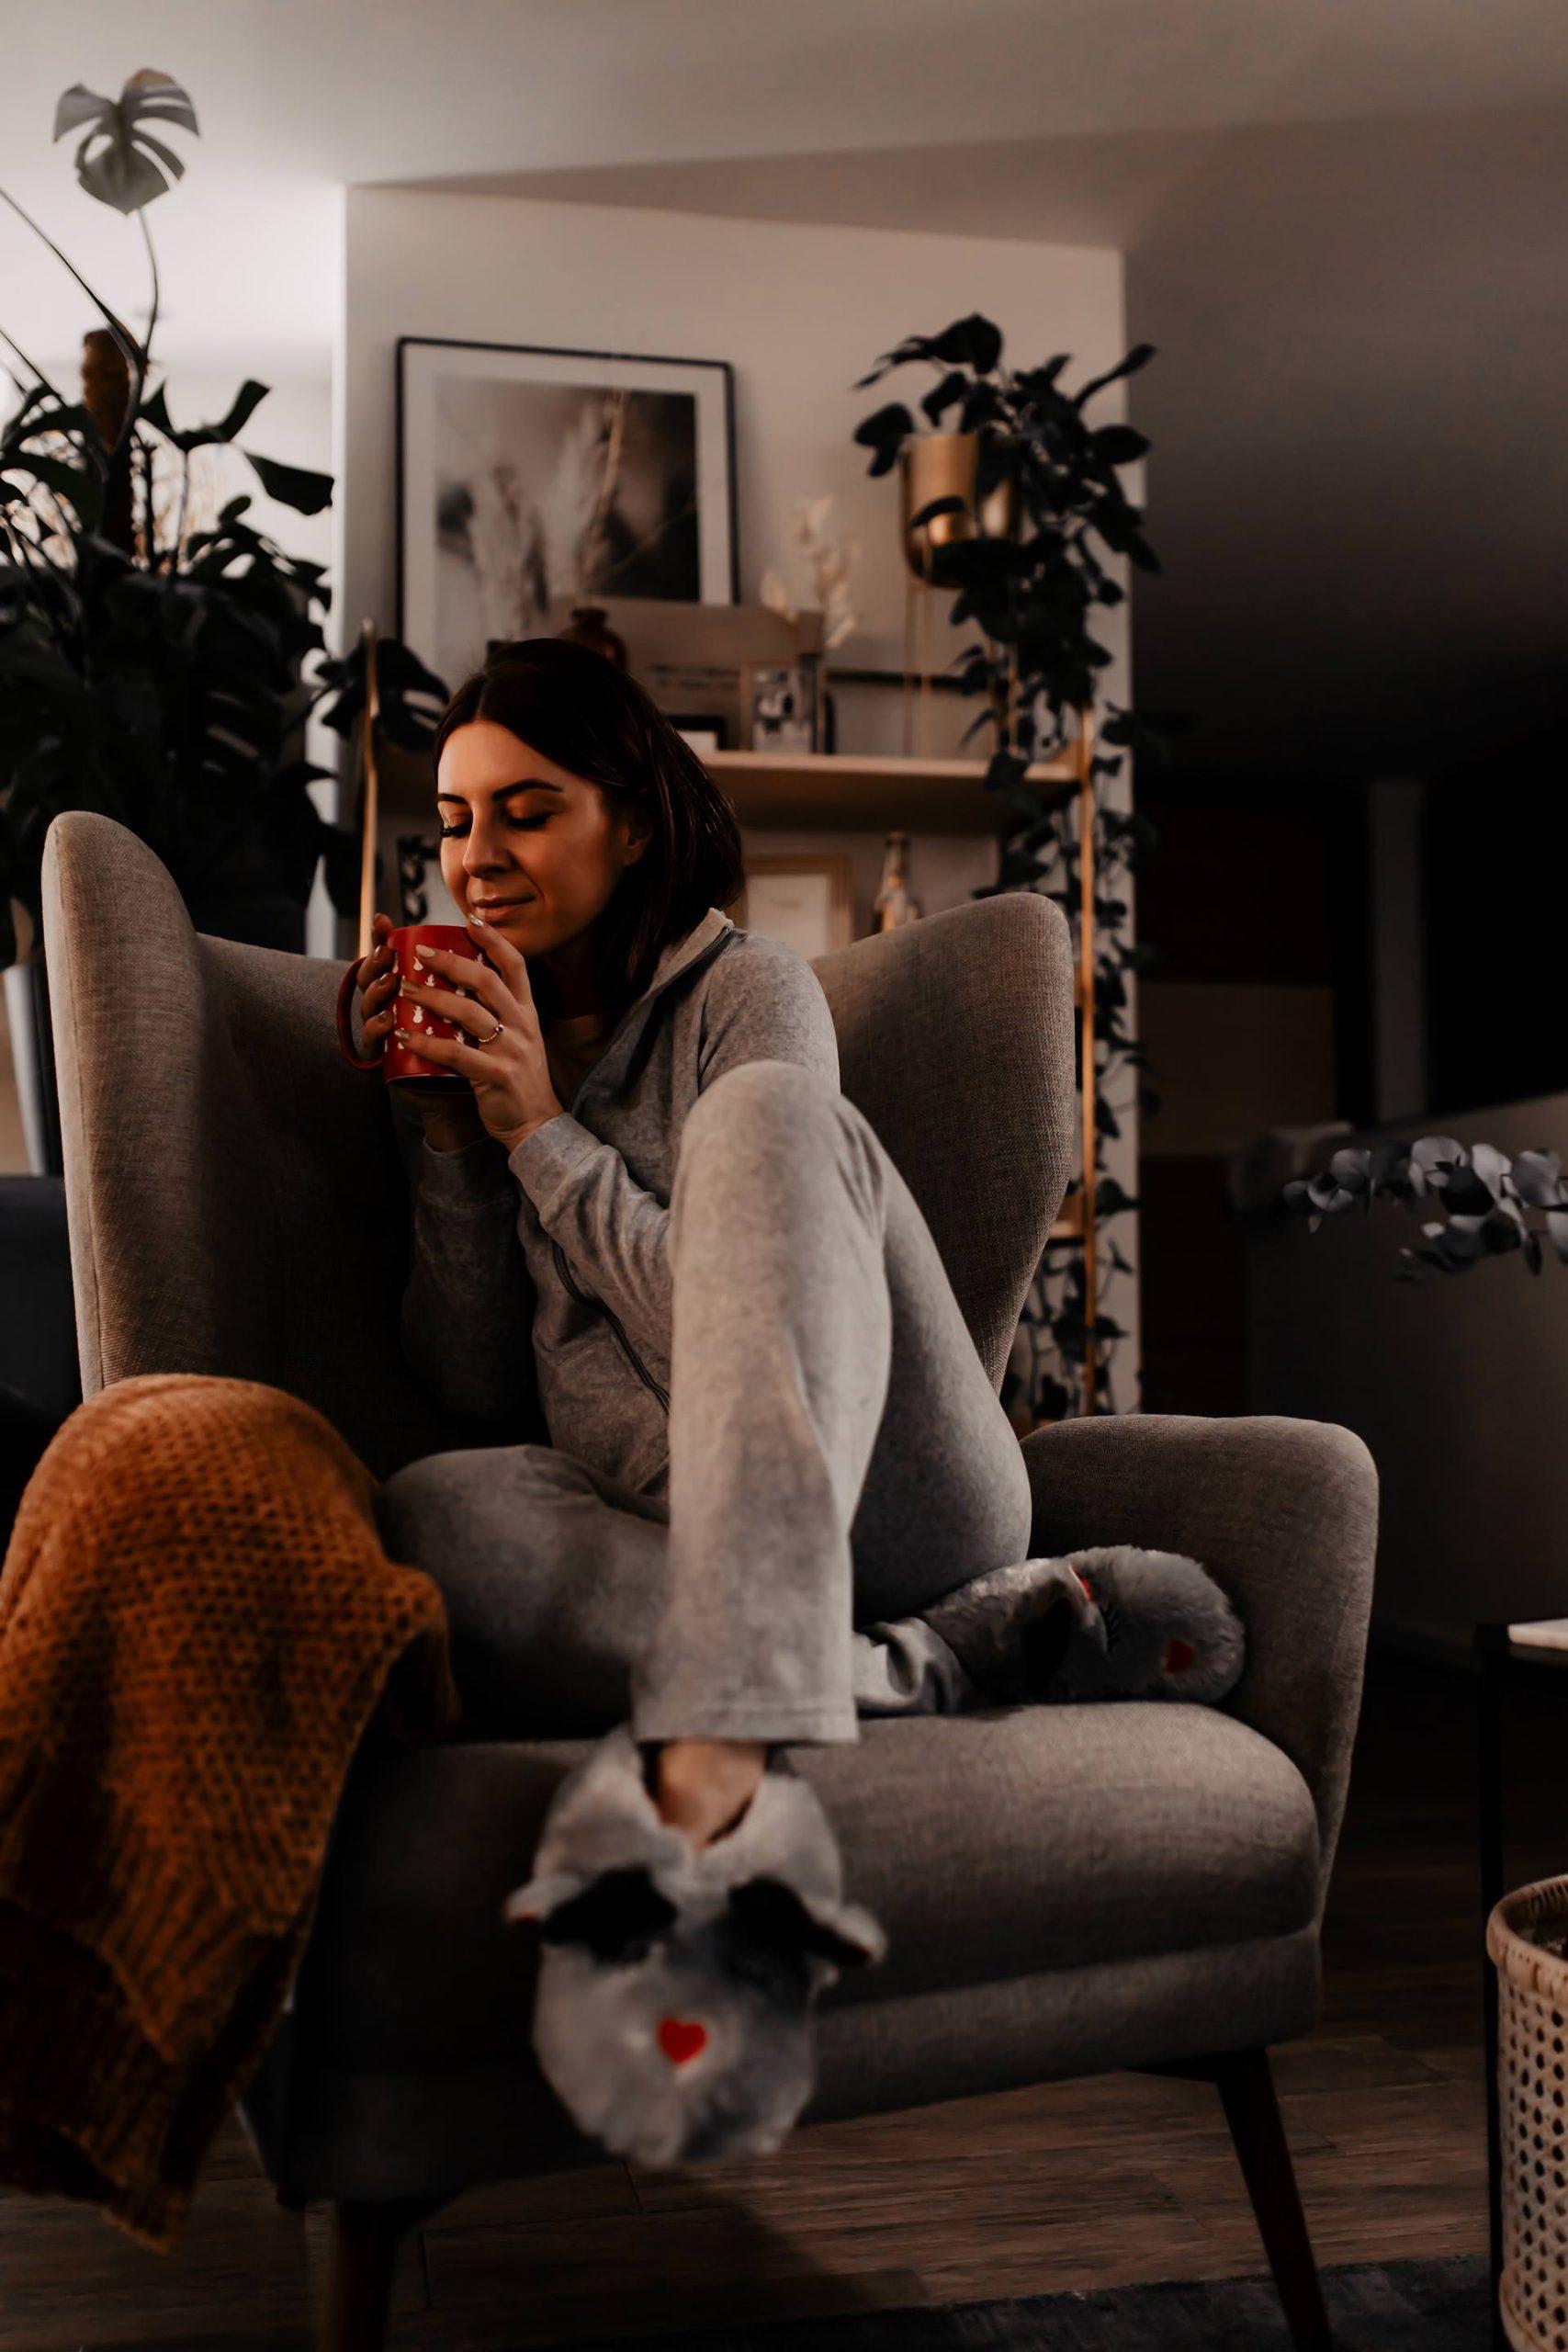 Anzeige. 9 Tipps für einen entspannten Home-SPA Abend an kalten Tagen gibt es jetzt am Karriere Blog. Ein bisschen Me-Time ist das A und O für mehr Gesundheit und Wohlbefinden im Alltag und Job! www.whoismocca.com #homespa #entspannung #karriereblog #wohlbefinden